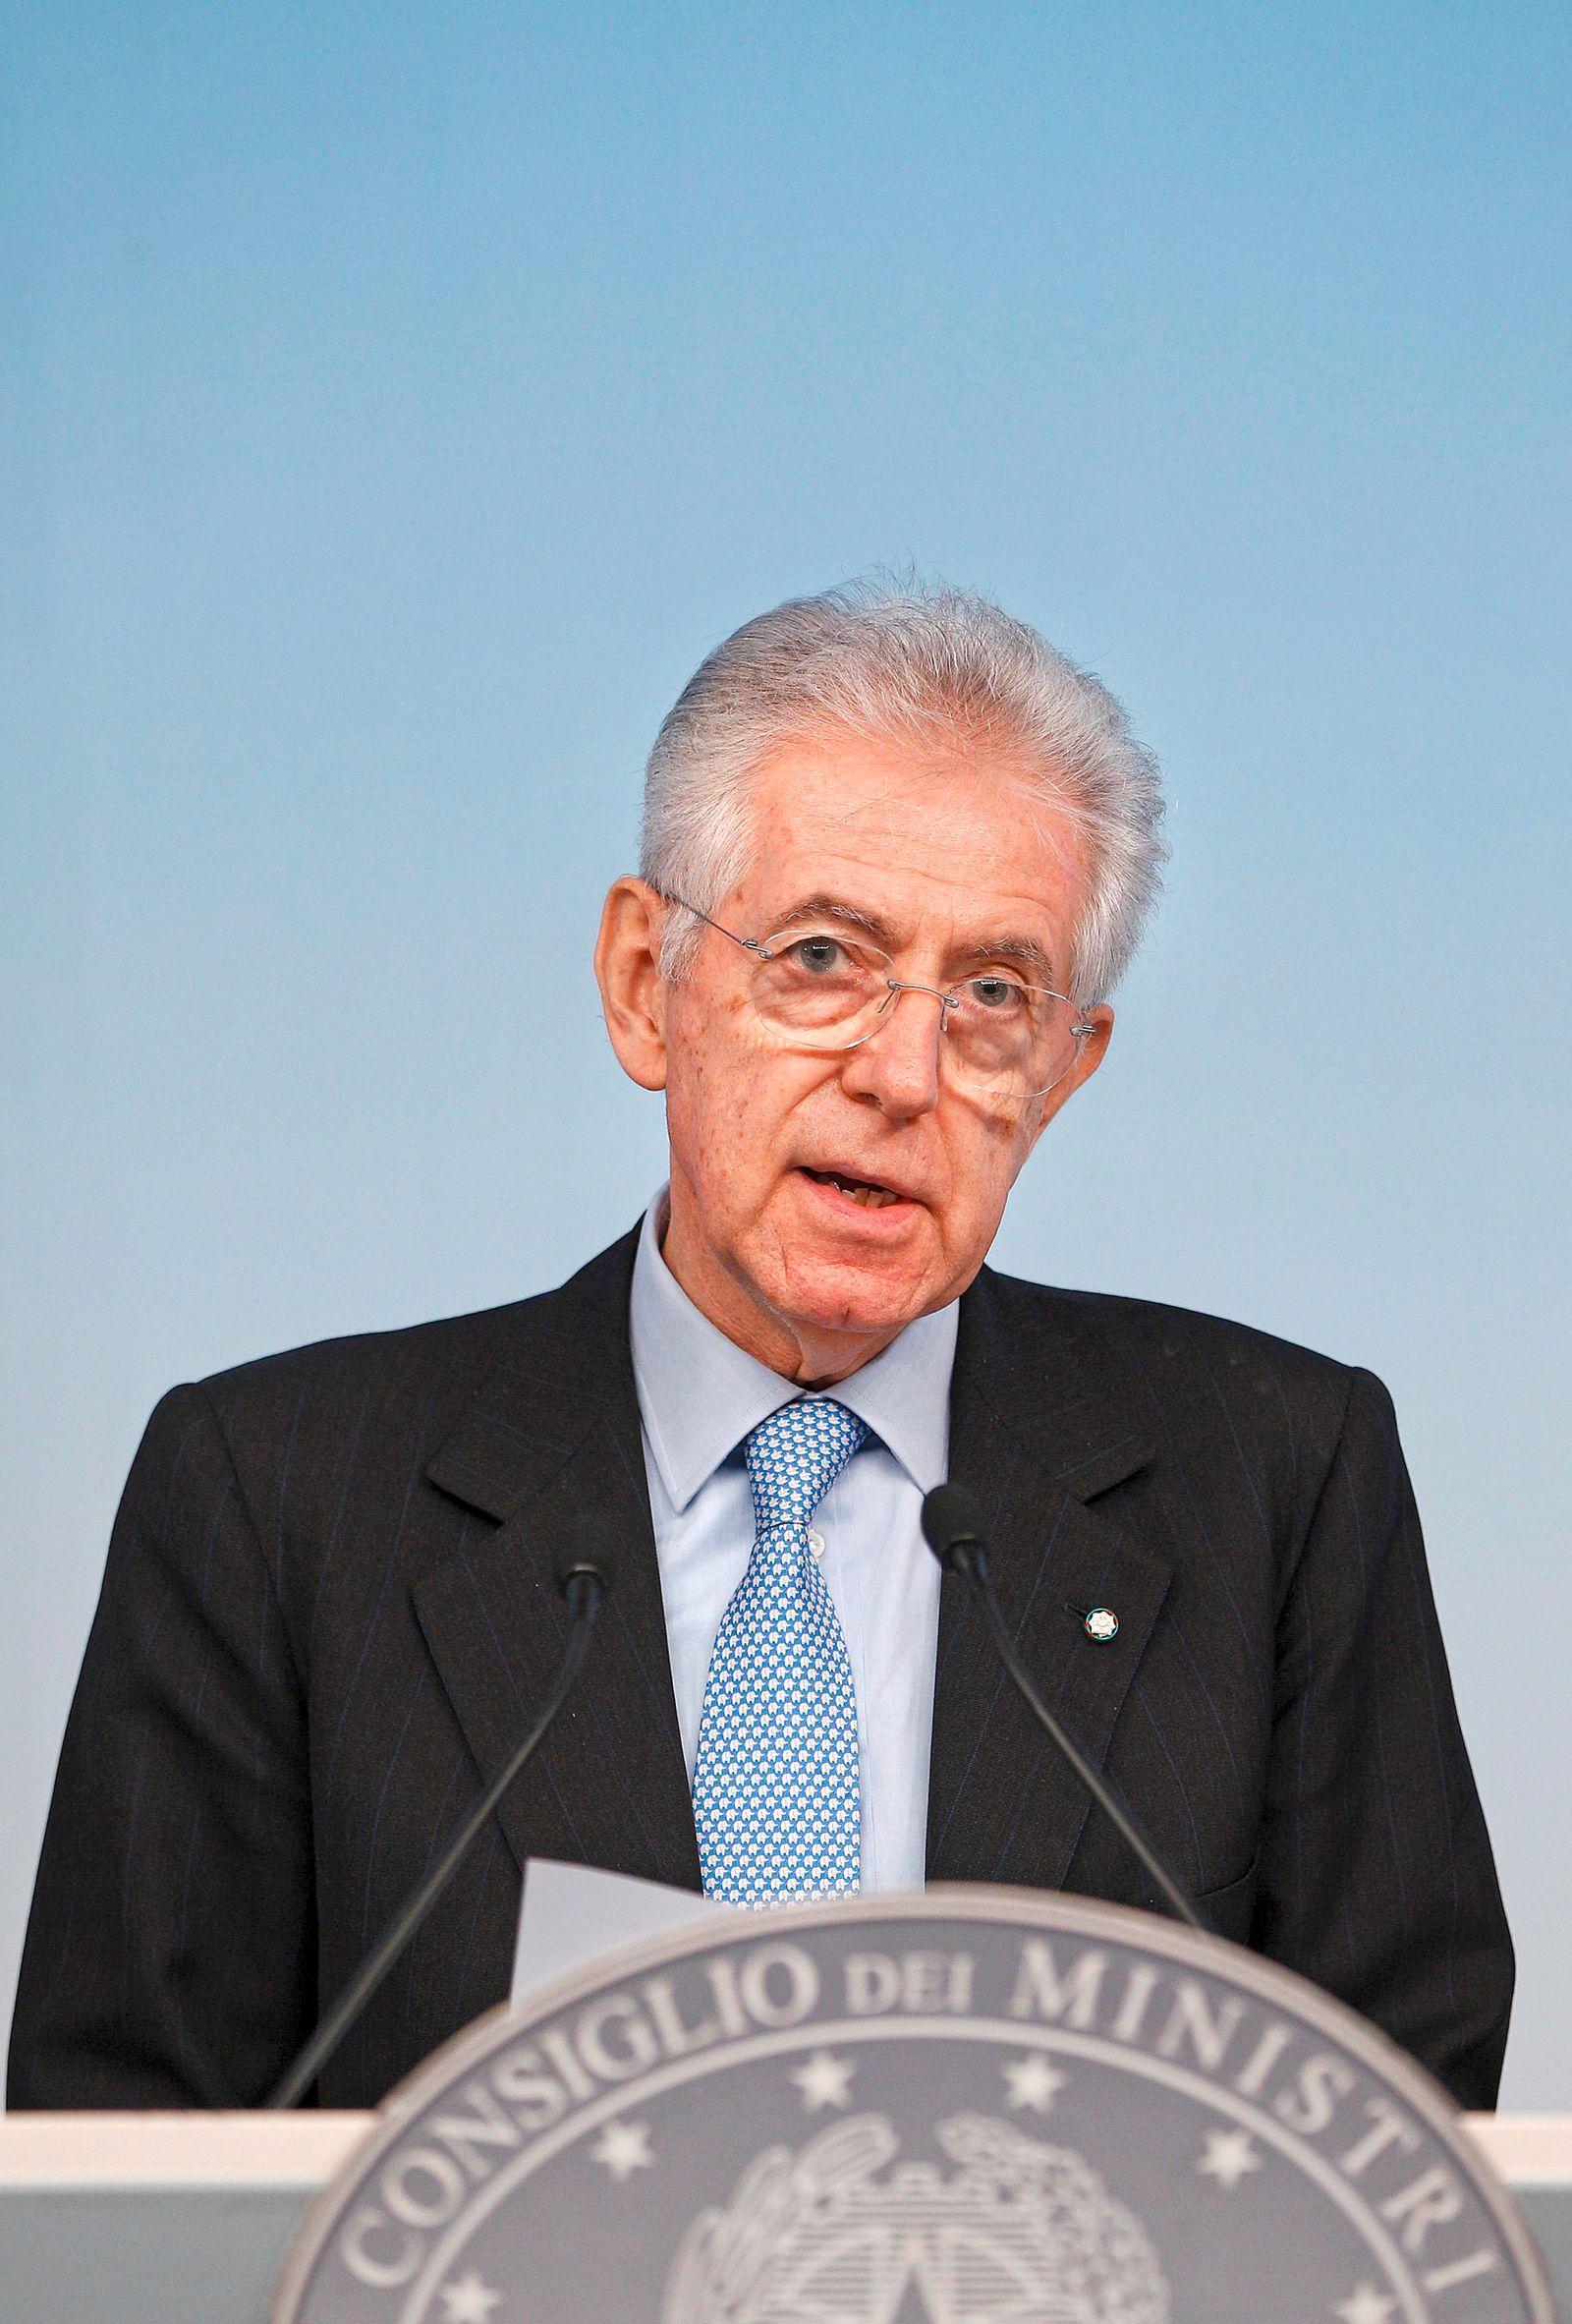 Der Spiegel 01/2012 pp 62 SPIN Monti